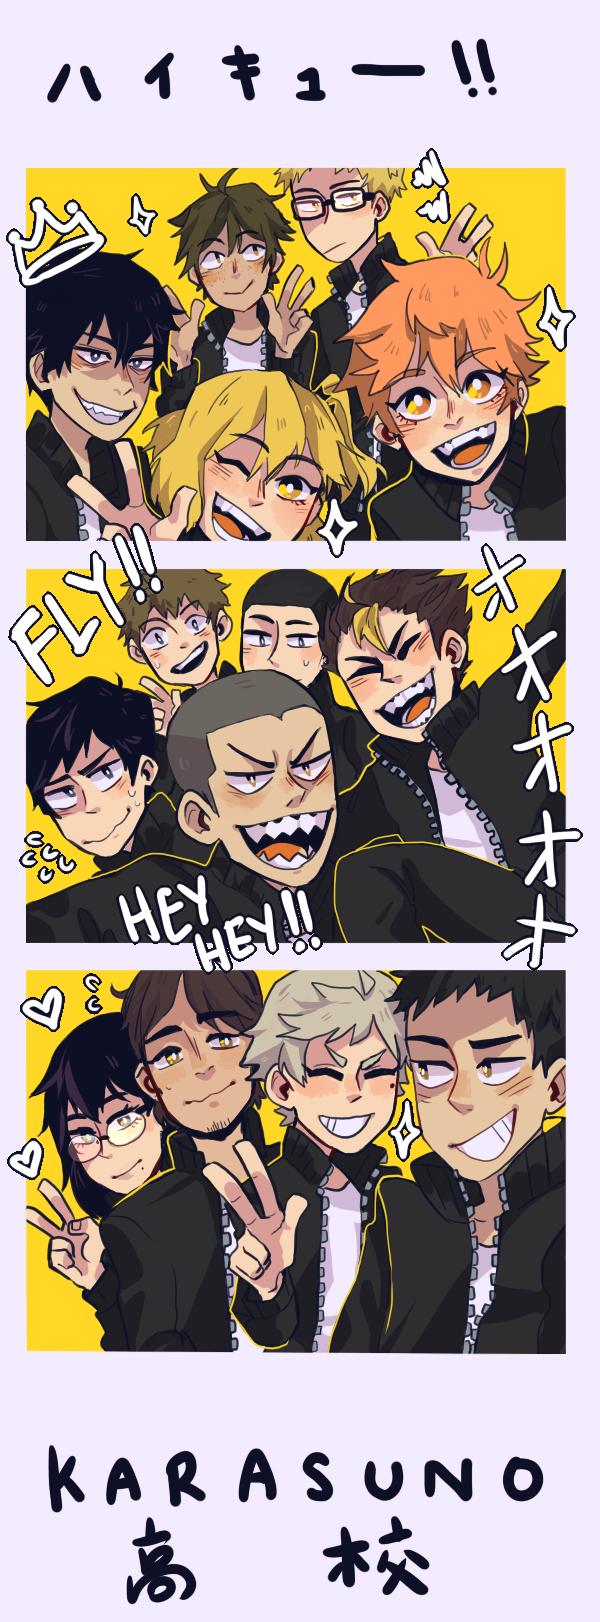 17 Tumblr Haikyuu Anime Haikyuu Funny Haikyuu